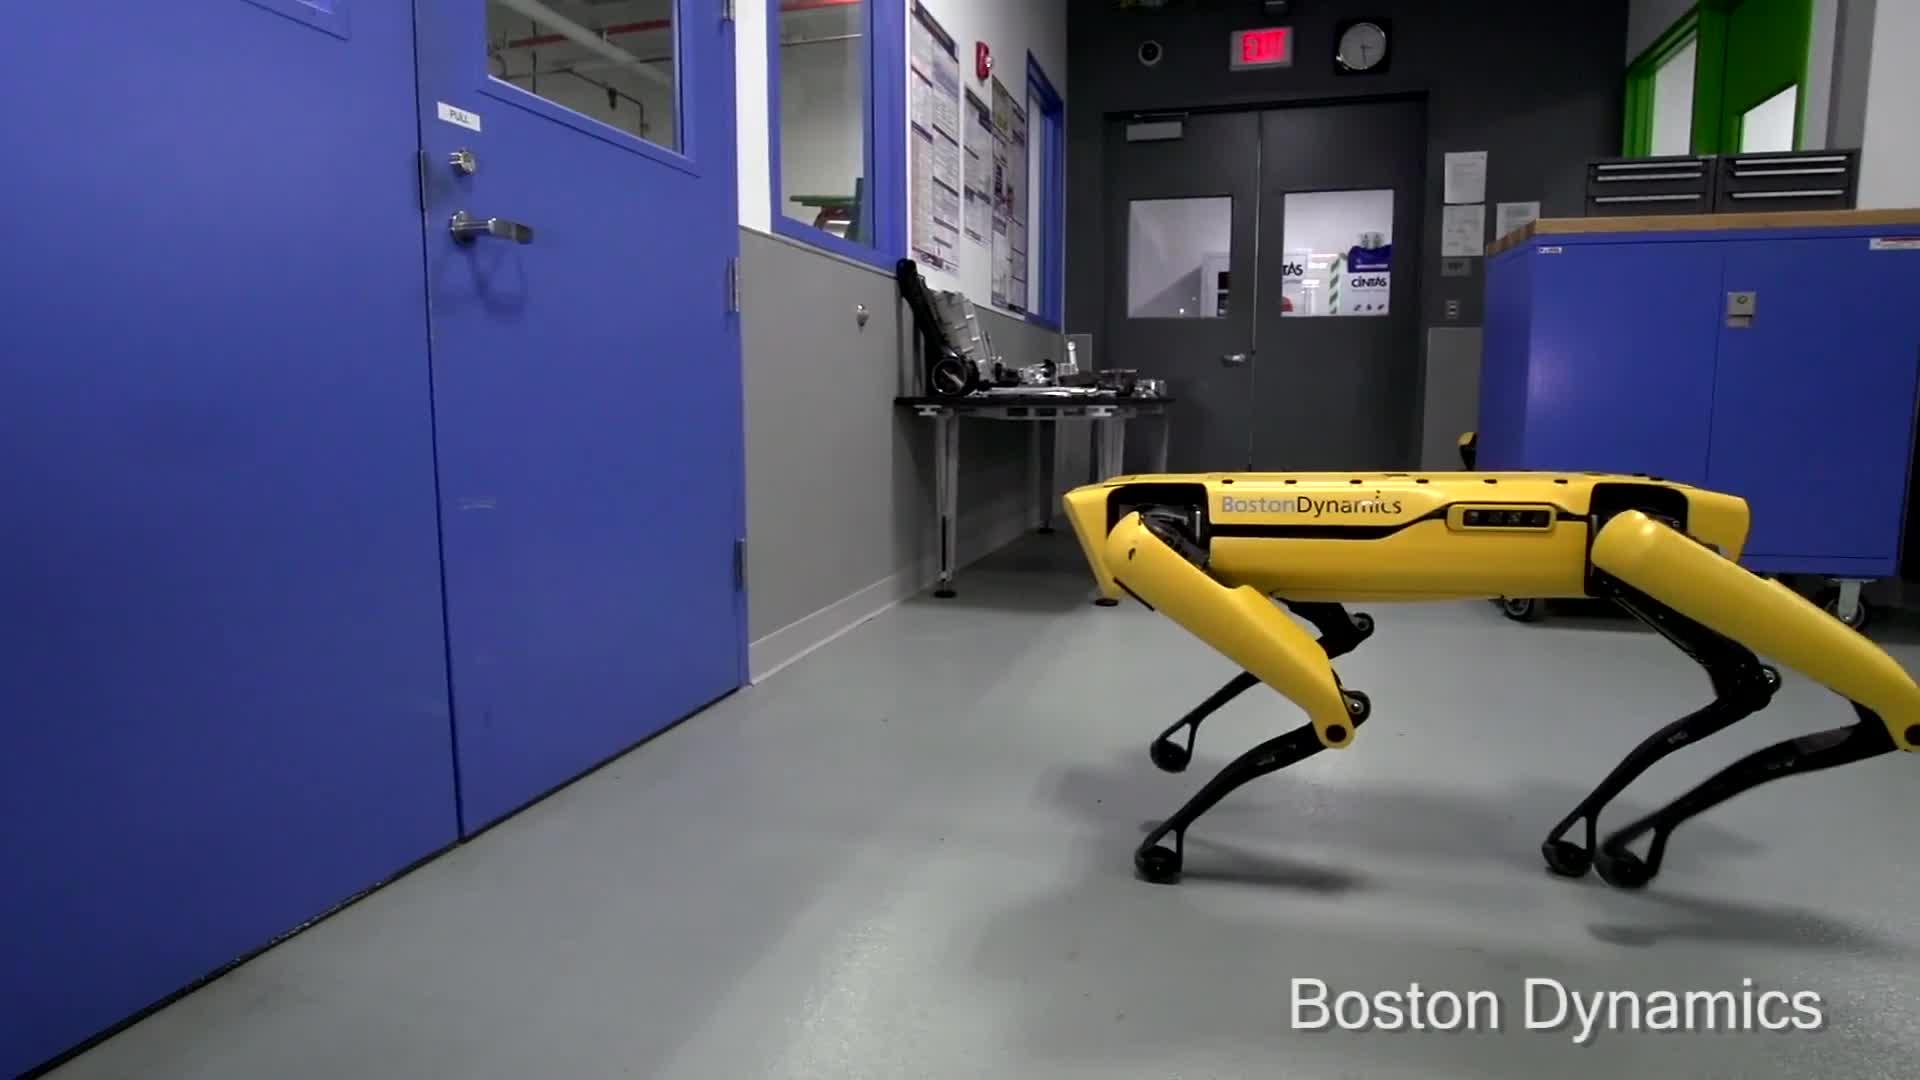 Long neck doggo helps his friend get through the door